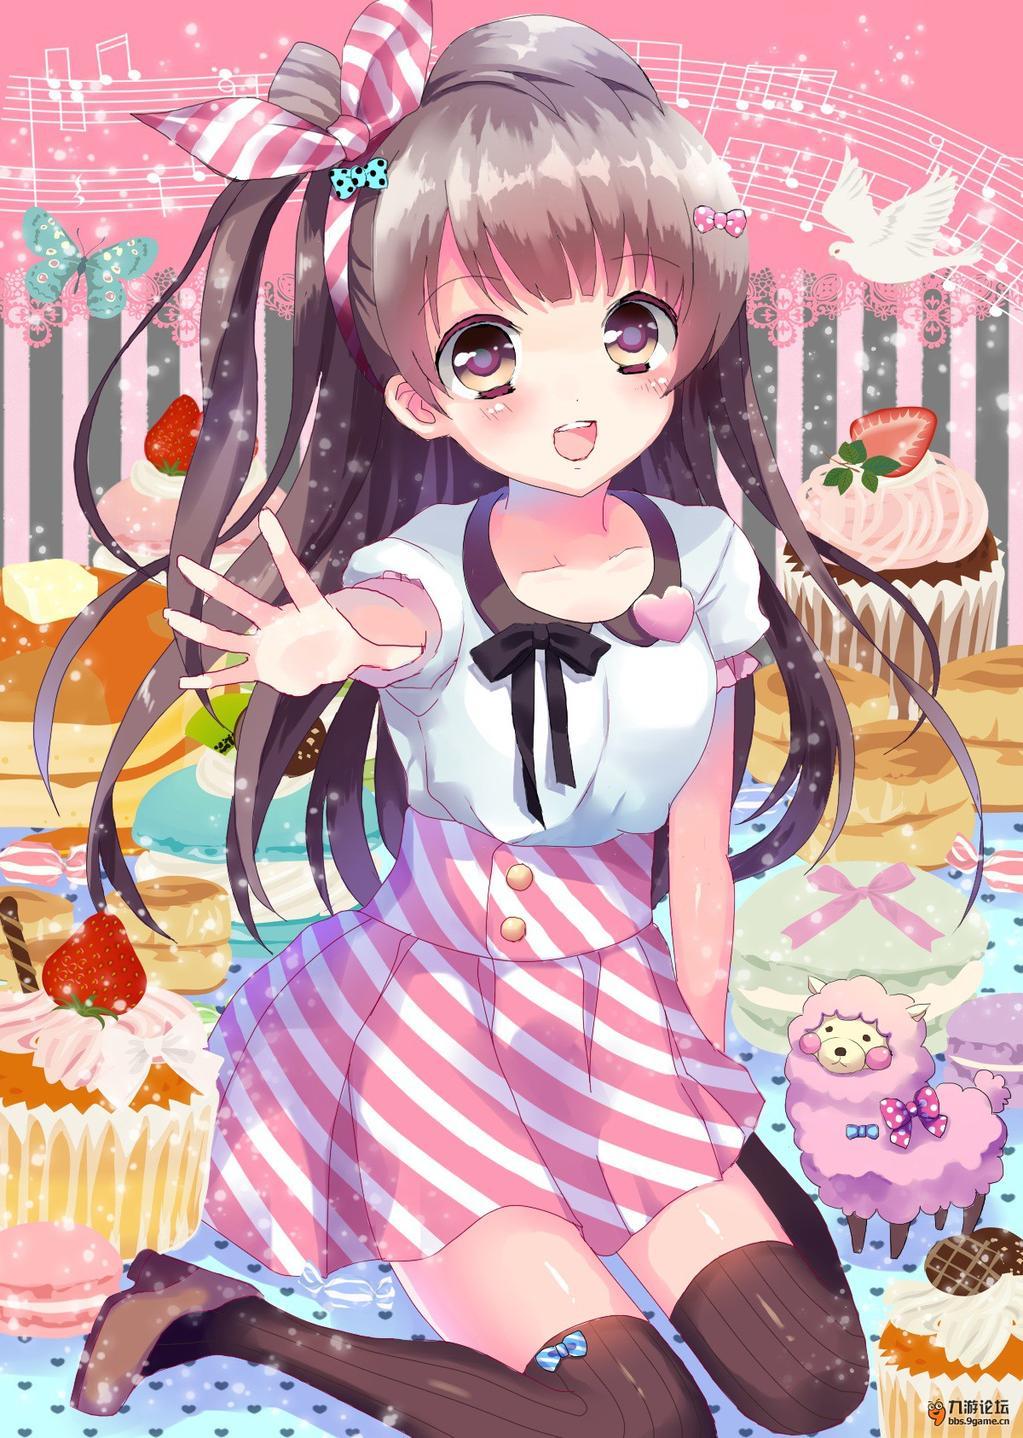 领口蝴蝶结和粉色心的点缀,无不透露出可爱,裙摆不是单调的粉色,而是